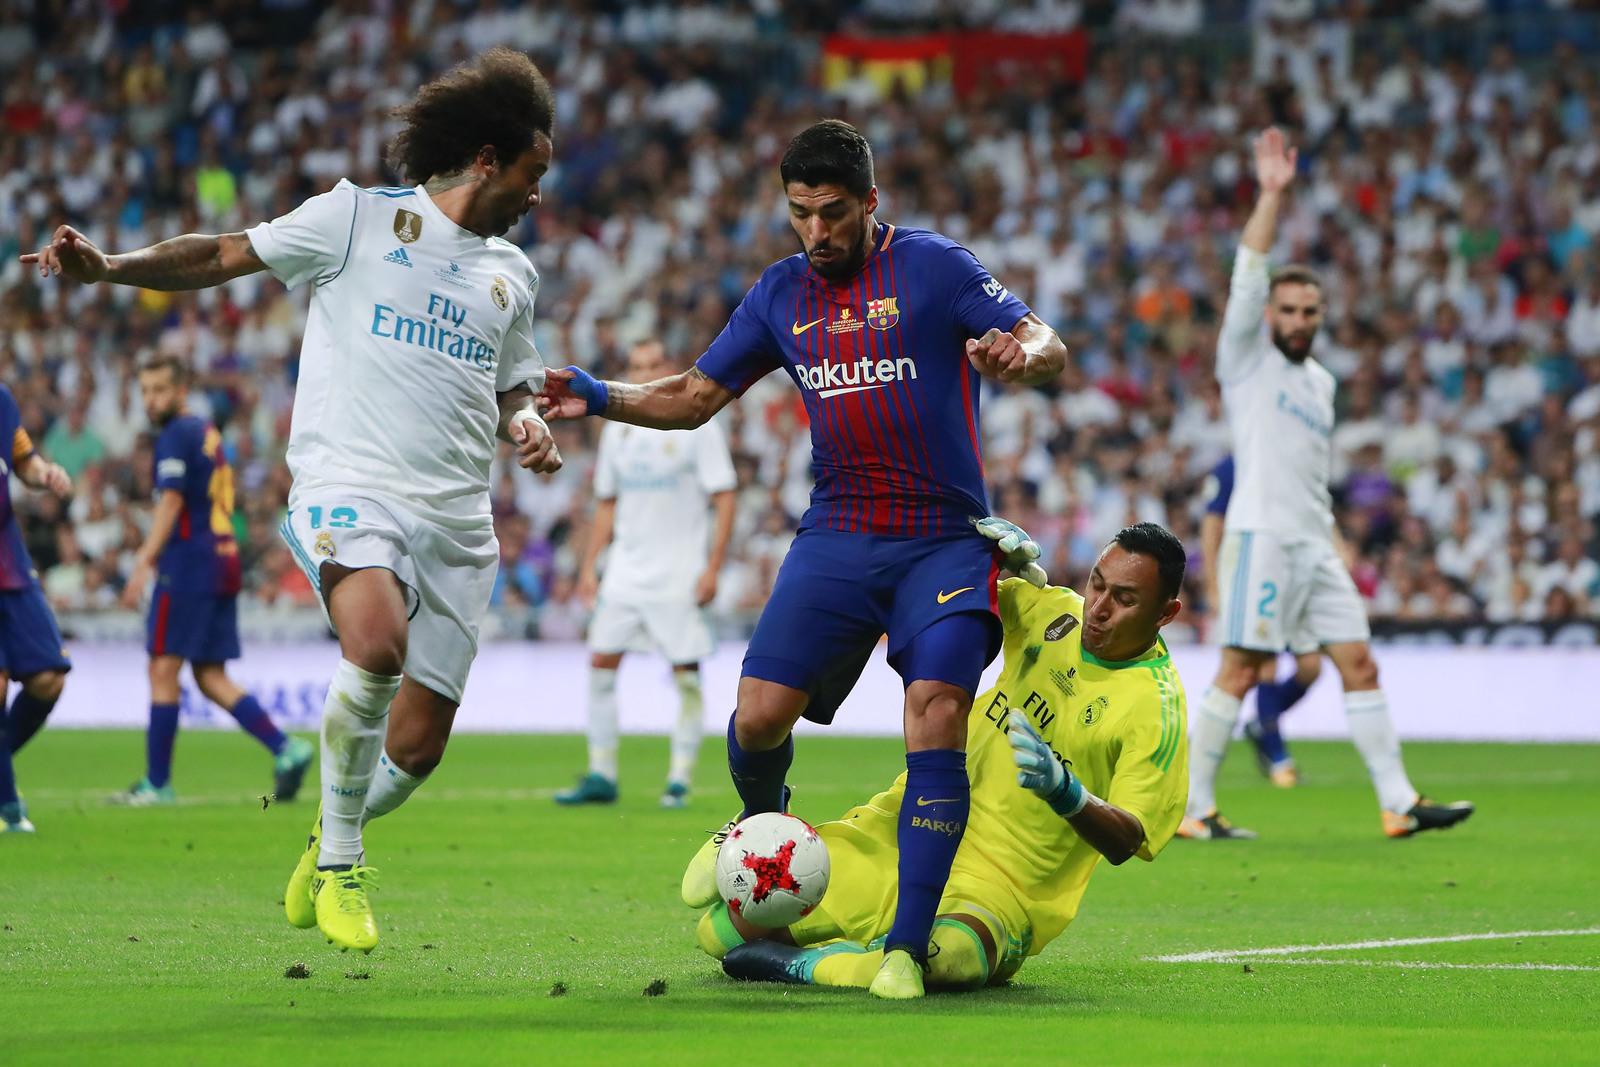 Tám vấn đề khiến Zidane gặp báo động đỏ ở Real Madrid